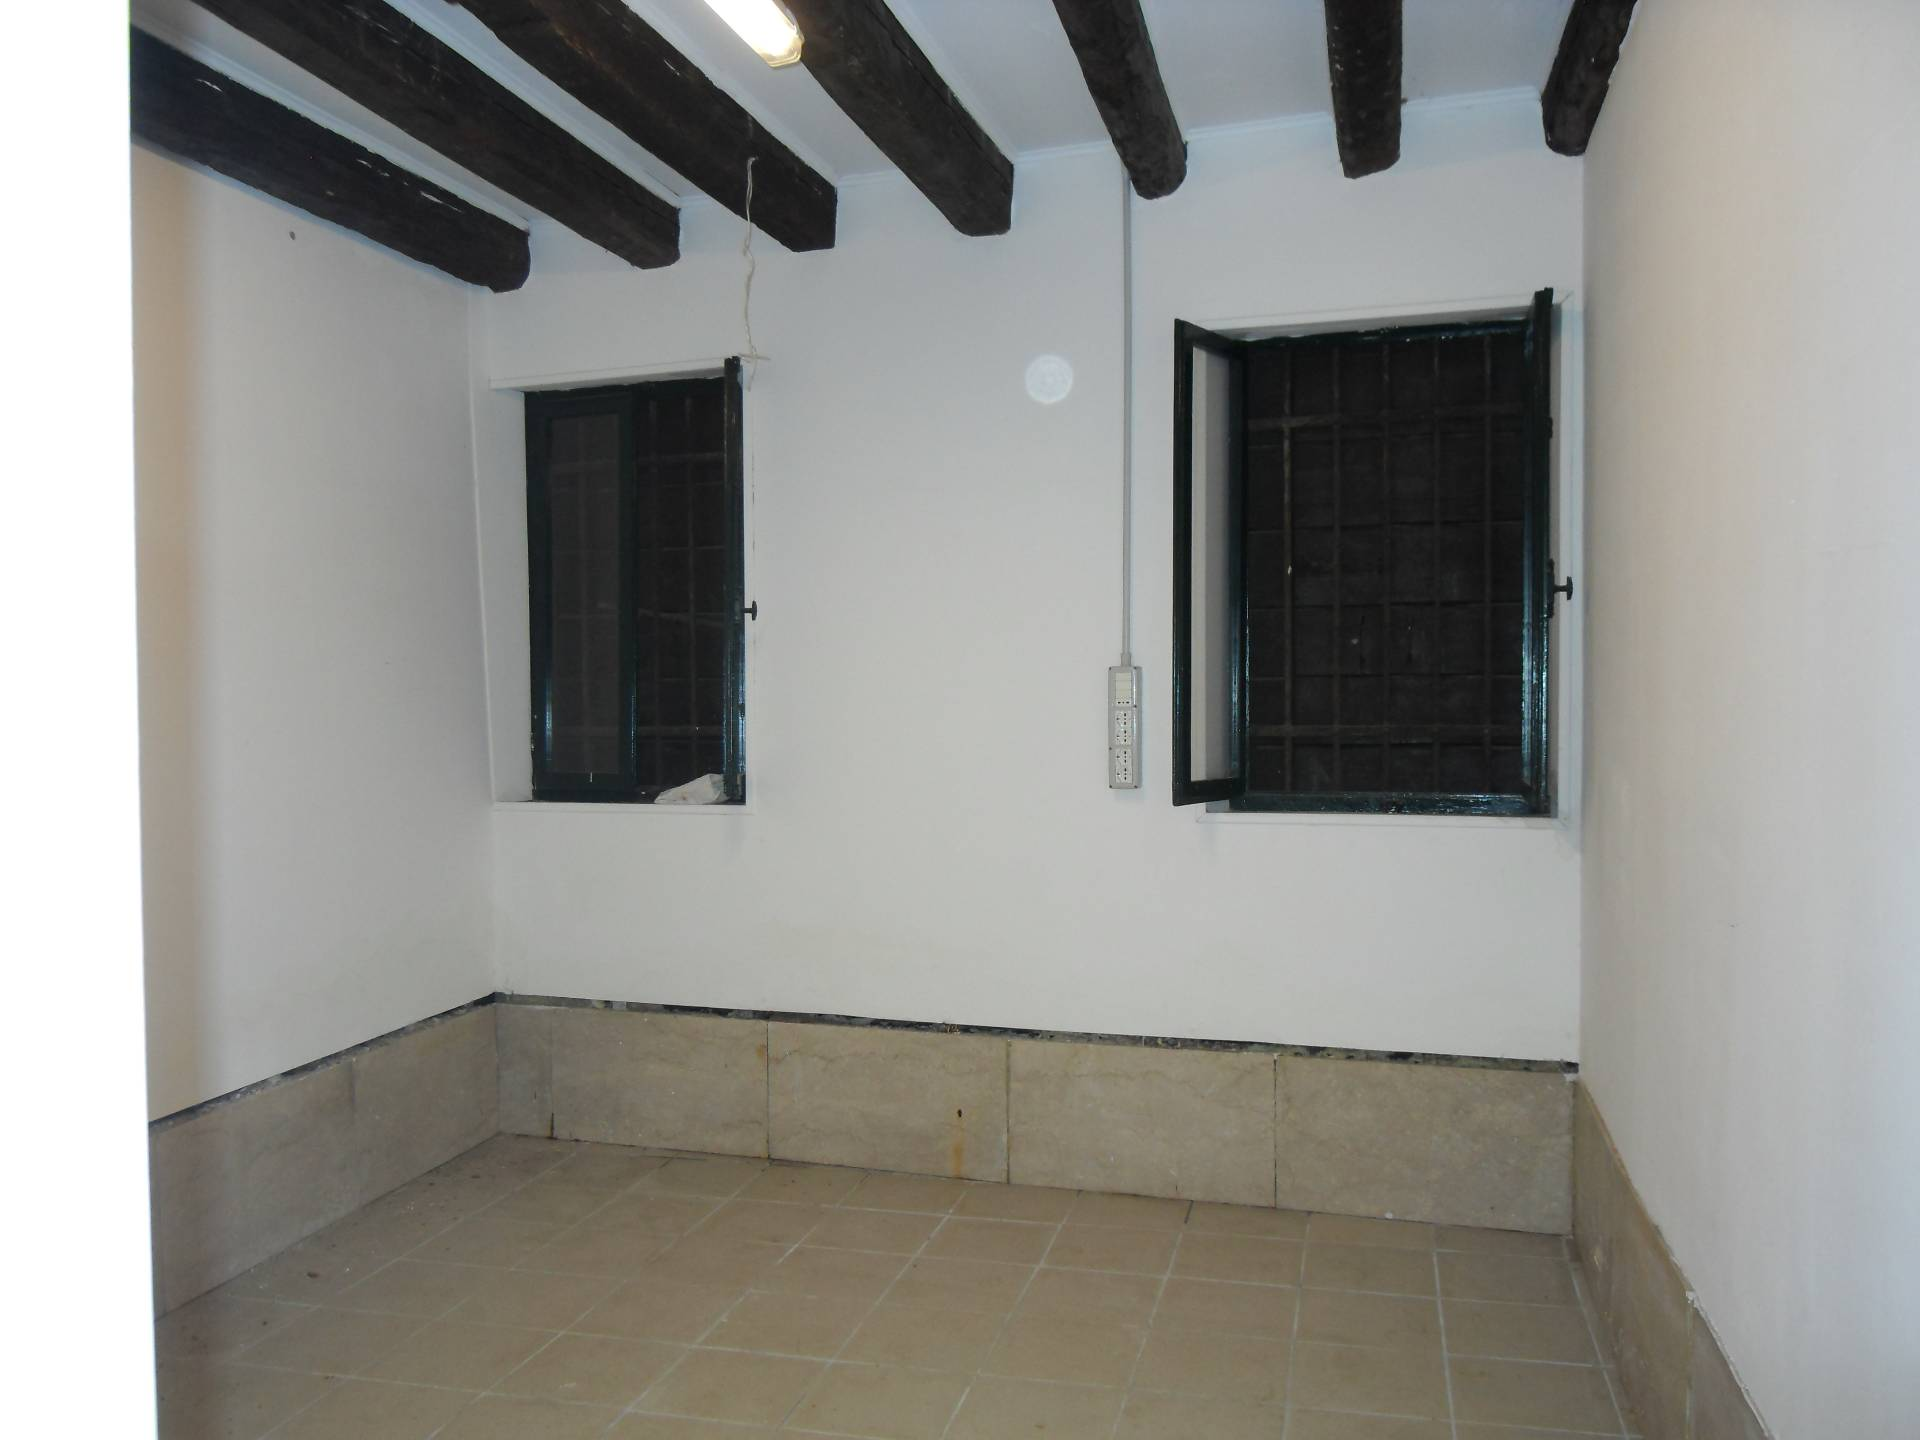 Magazzino in affitto a Venezia, 9999 locali, zona Zona: 4 . Castello, prezzo € 850   Cambio Casa.it